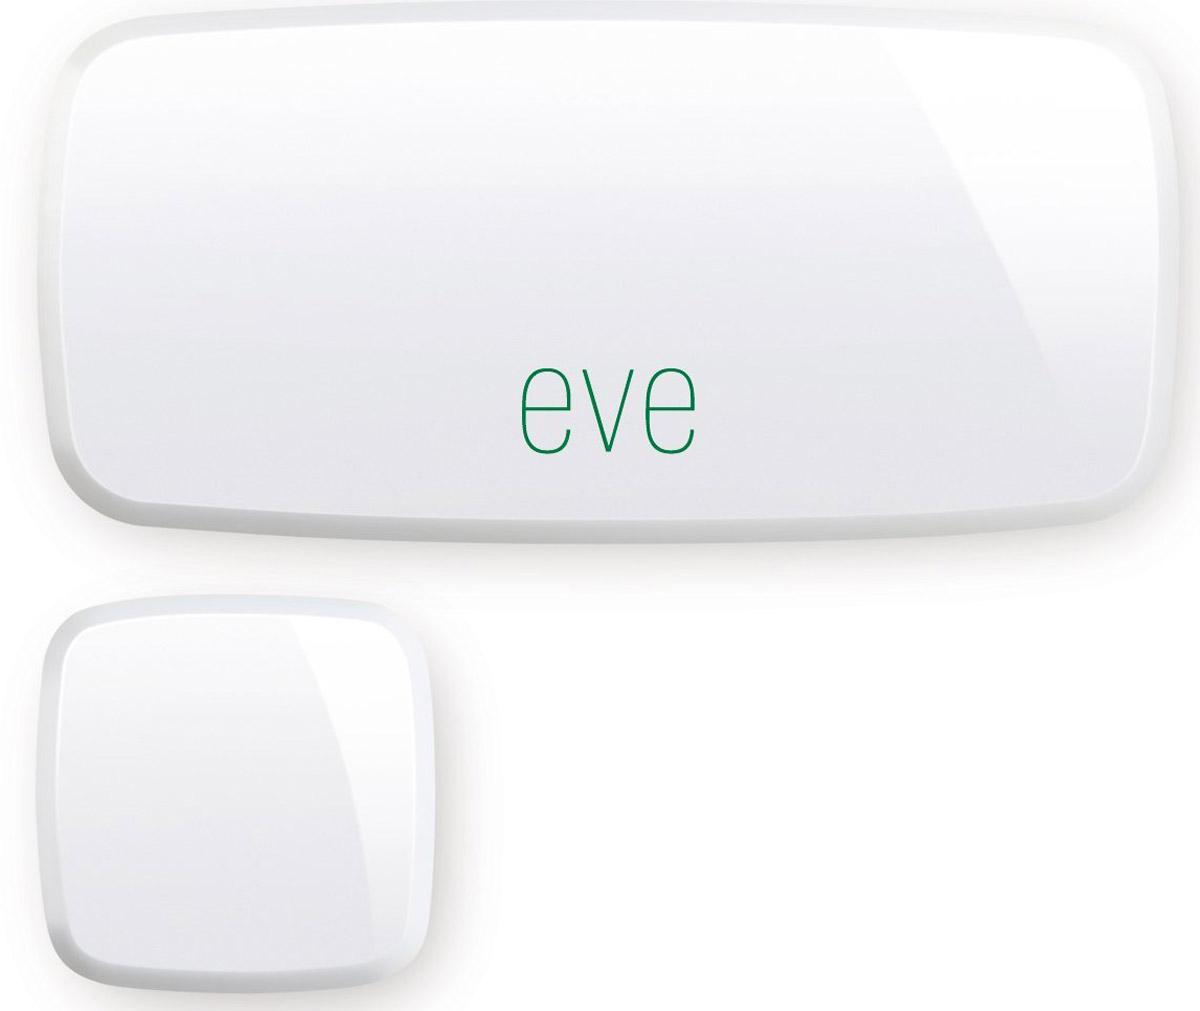 Elgato Eve Door & Window умный датчик охранных систем и сигнализаций 1ED109901000